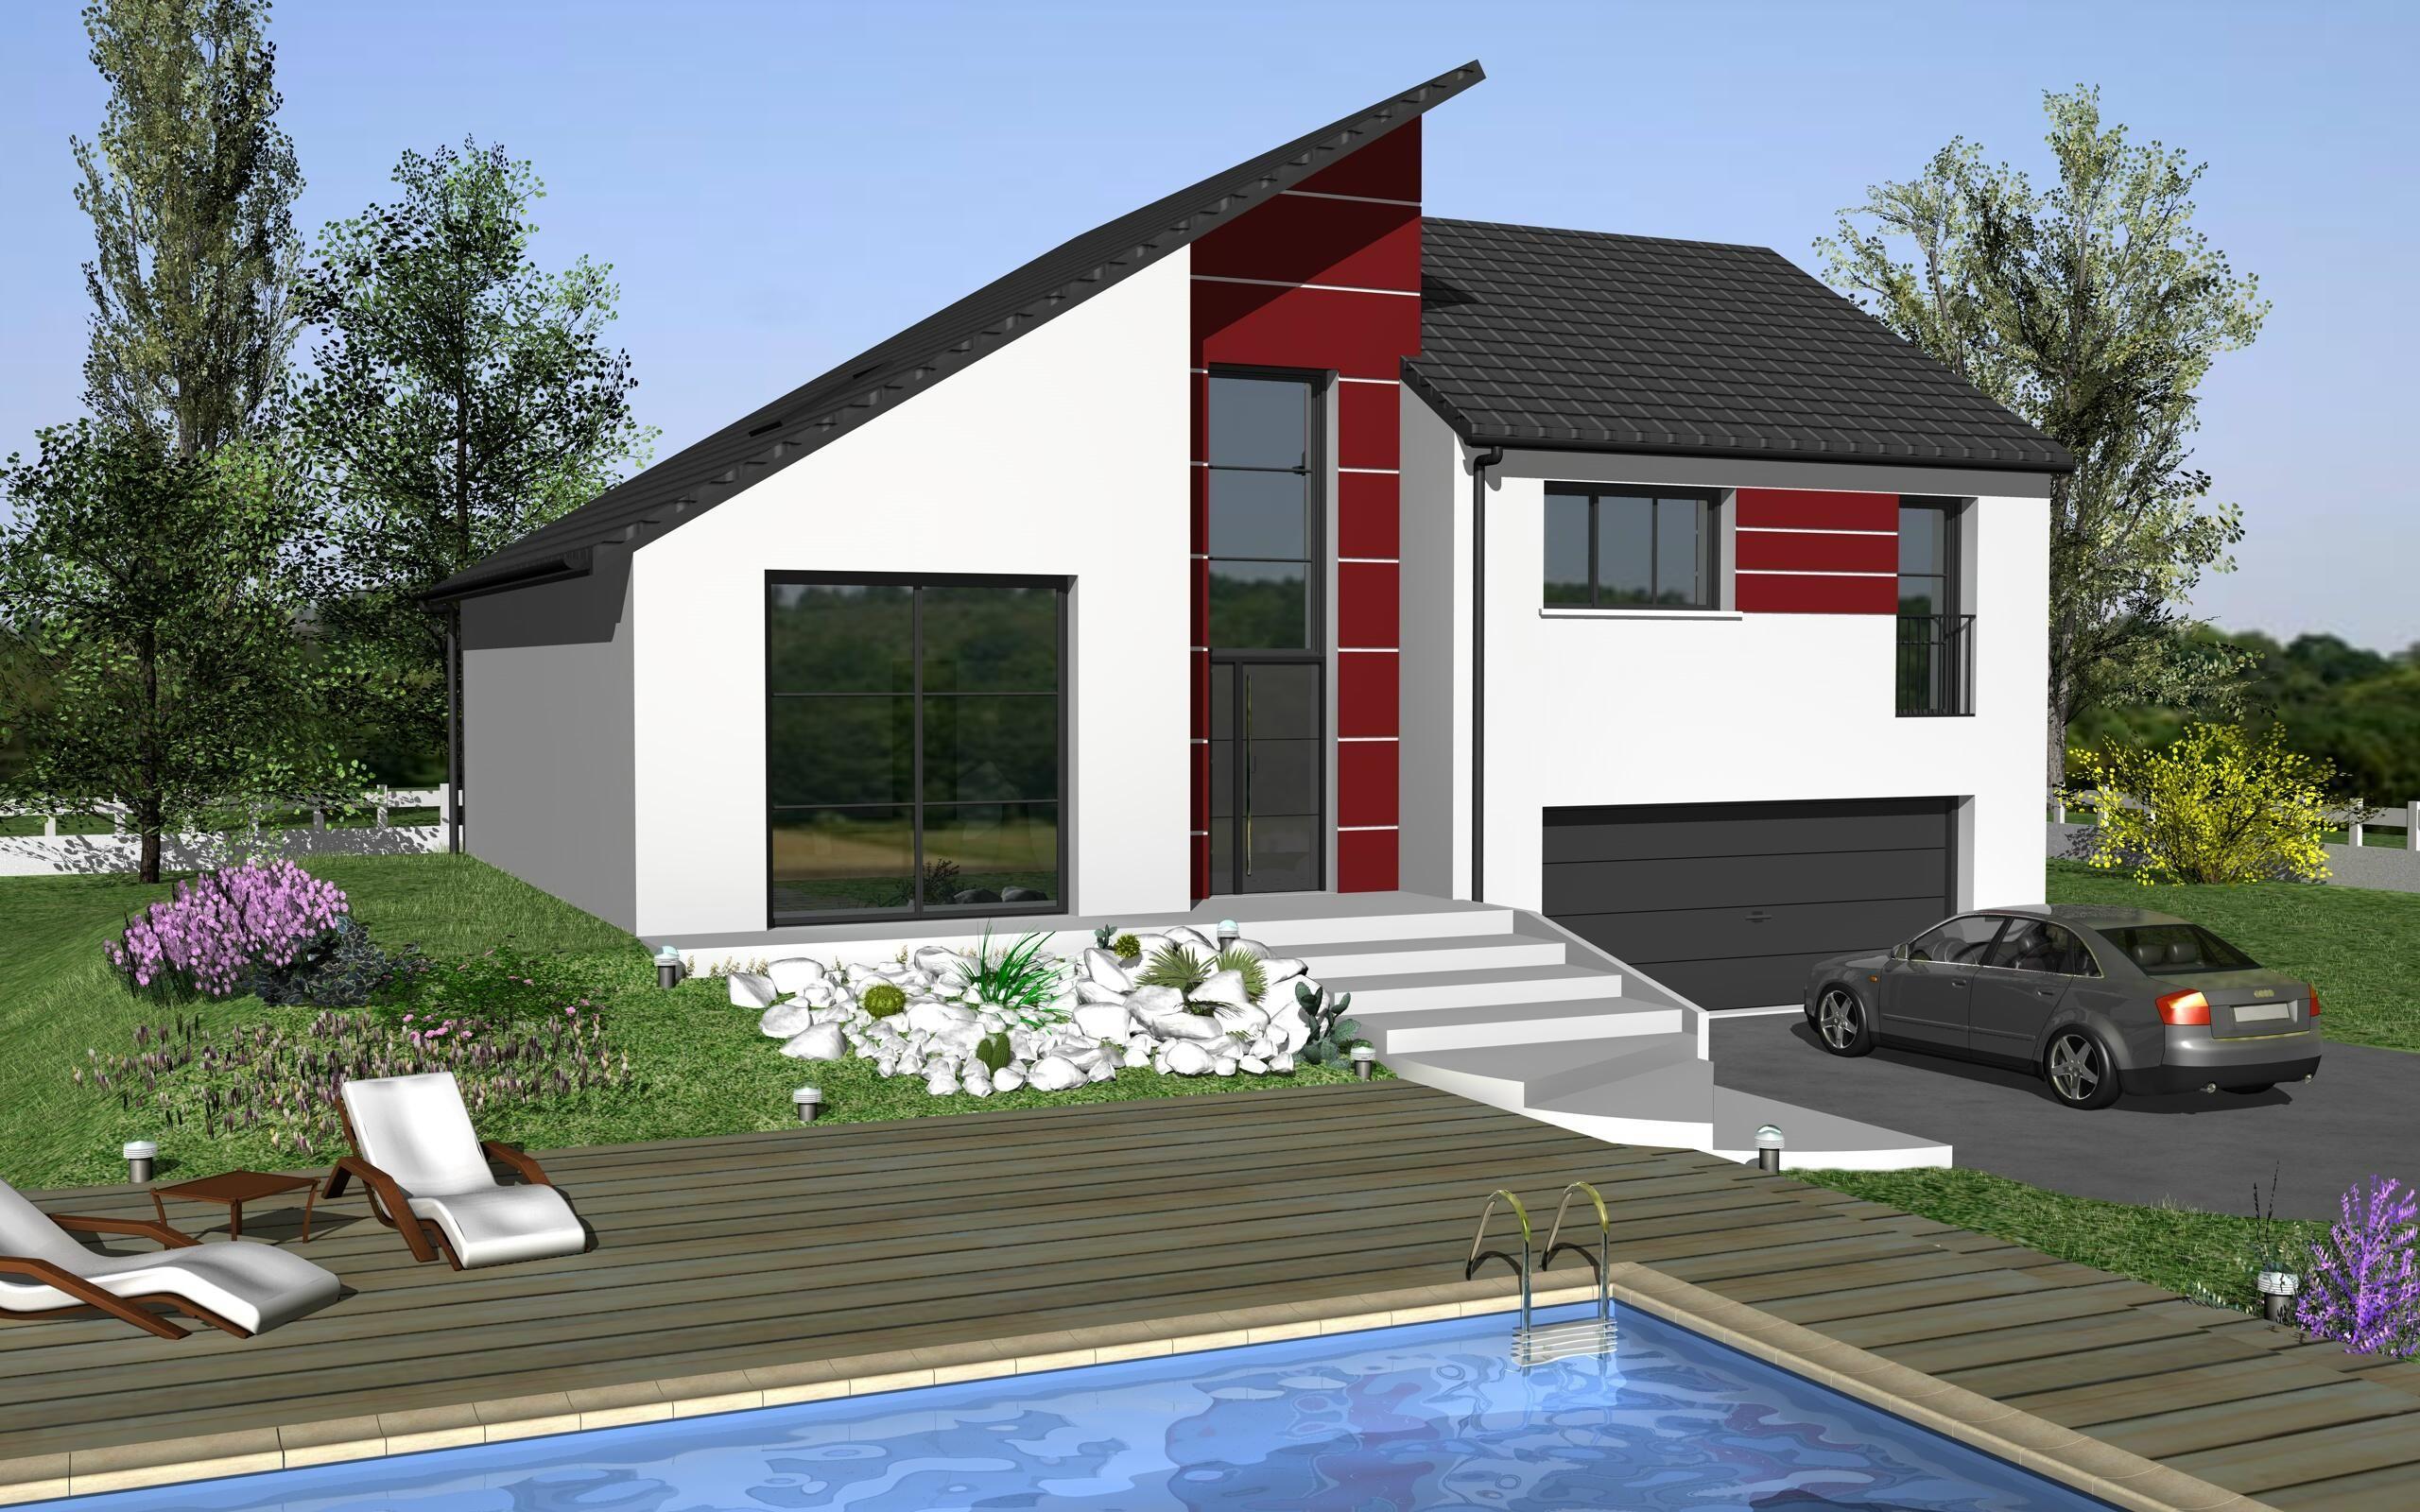 Elodie design est un mod le de maison de style moderne elle poss de 6 pi ces - Style maison moderne ...